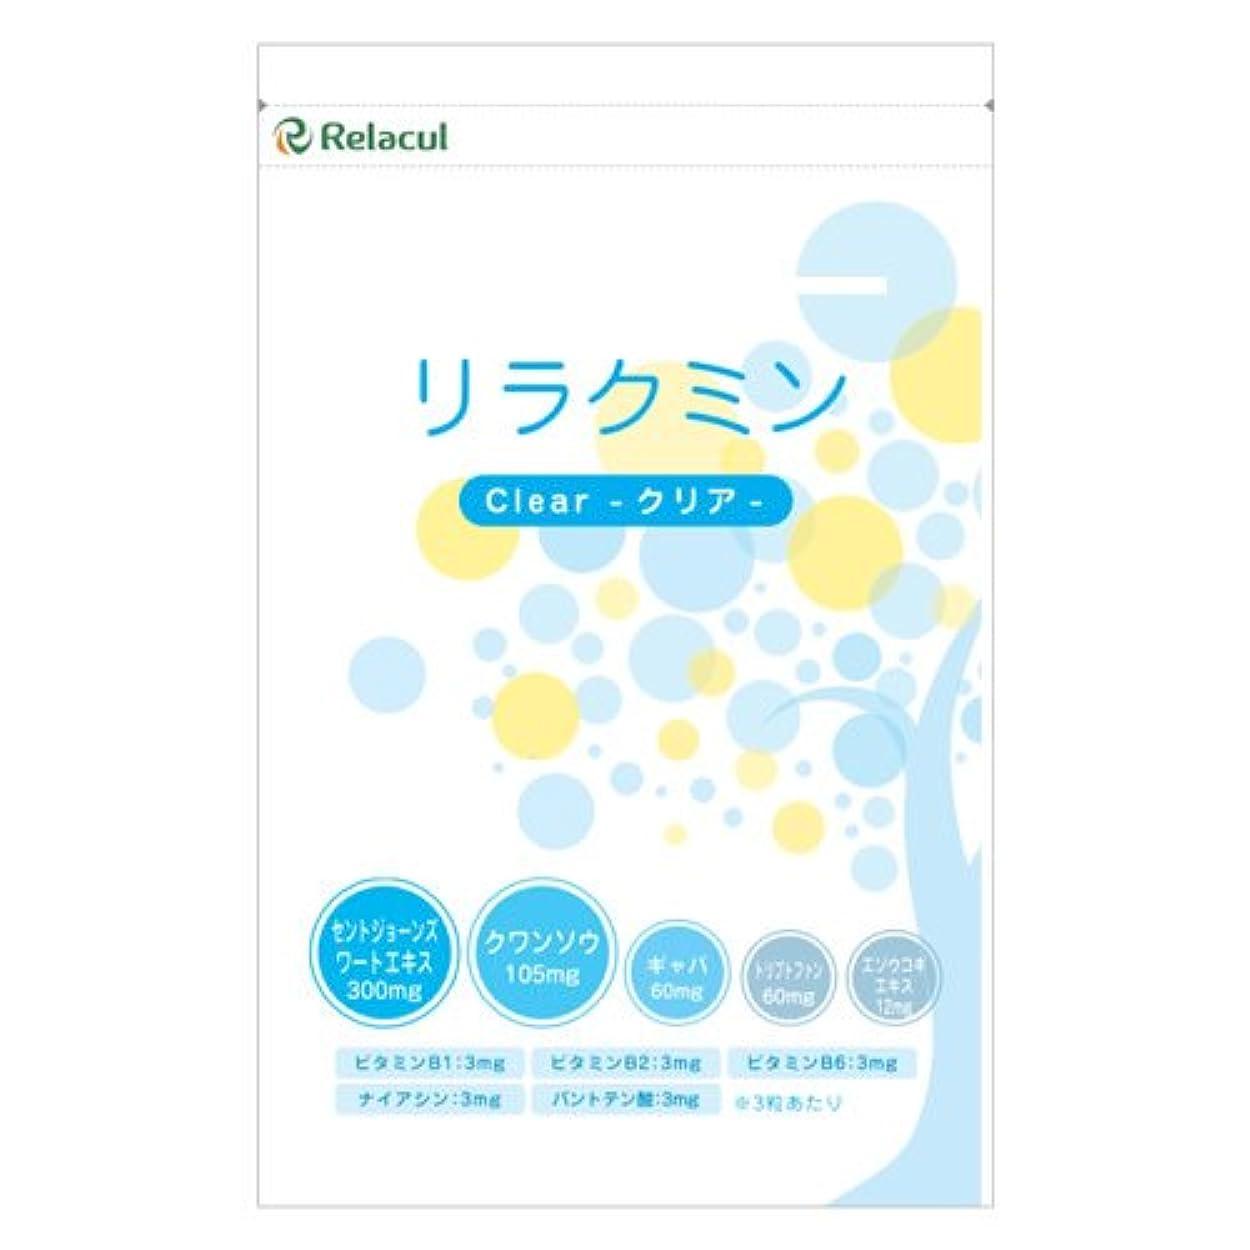 しわ現実的ナインへセロトニン サプリ (日本製) ギャバ セントジョーンズワート トリプトファン エゾウコギ [リラクミンクリア 1袋] 90粒入 (約1か月分) リラクミン サプリメント